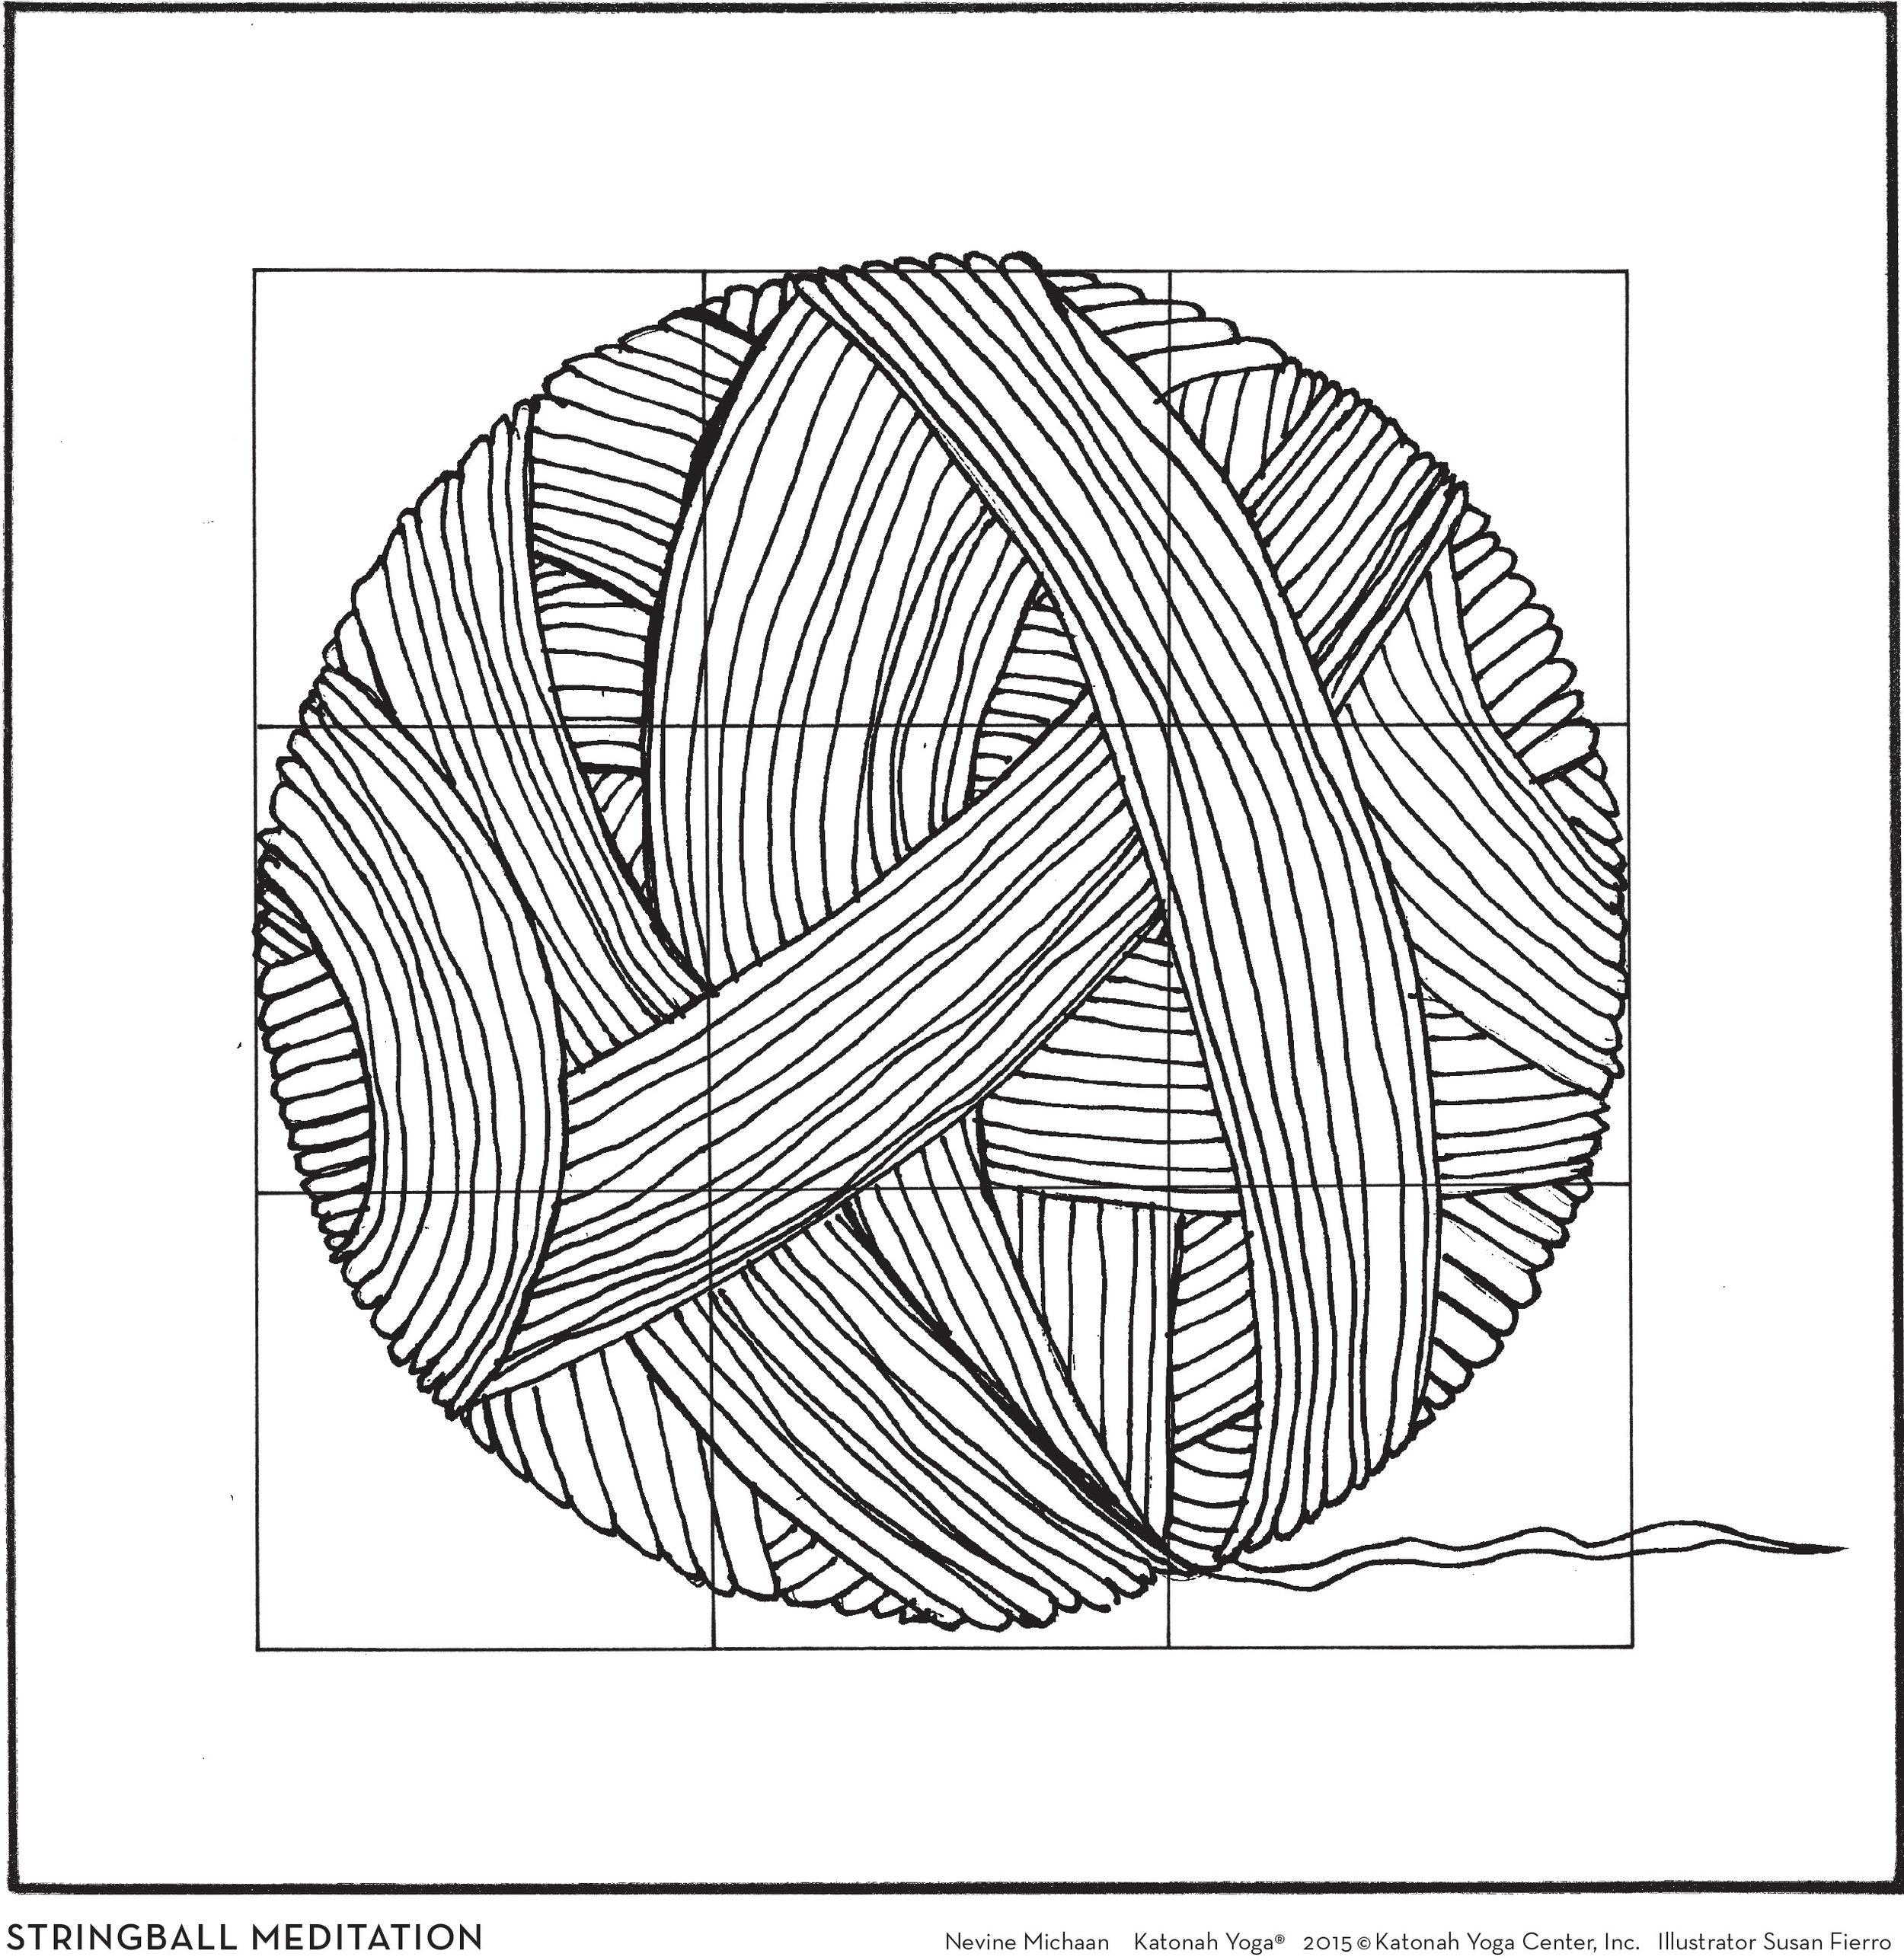 KY_LOOK_MEDITATIONS_Stringball.jpg